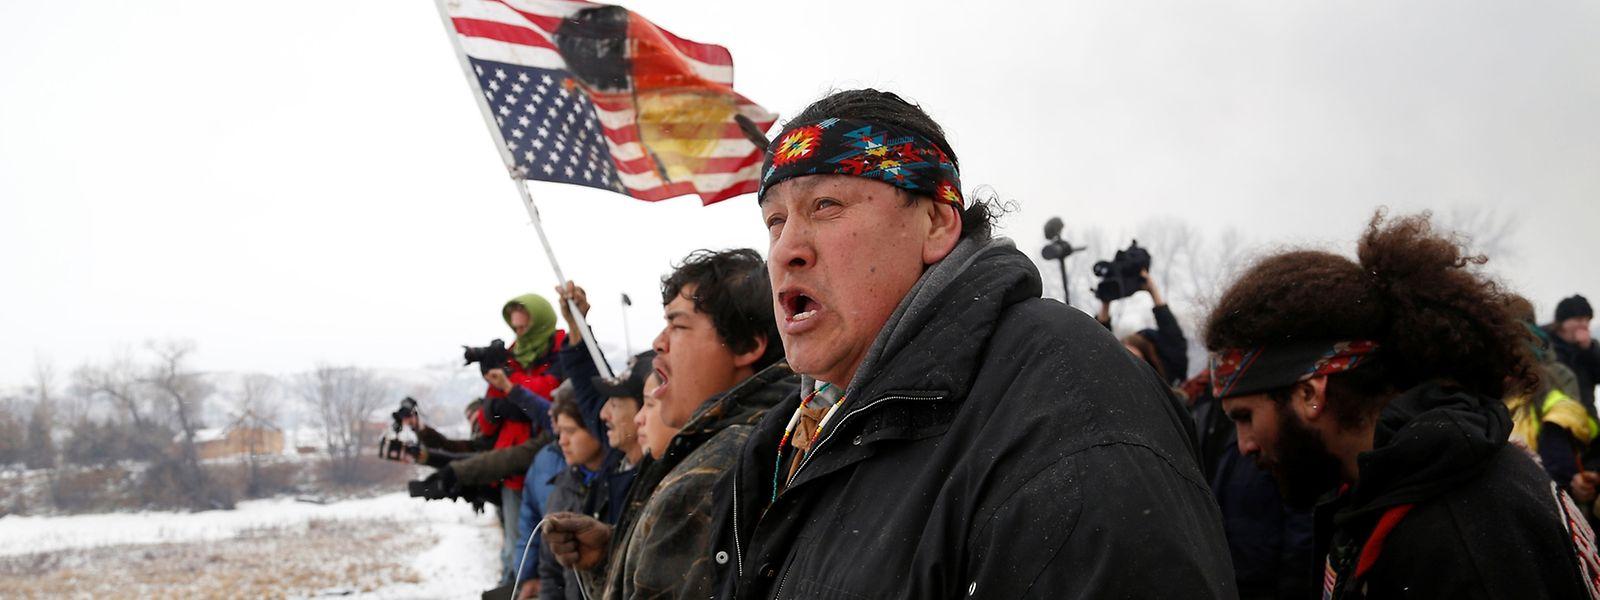 Raymond Kingfisher vom Stamm der Northern Cheyenne bei einer Demonstration am Tag der Räumung.